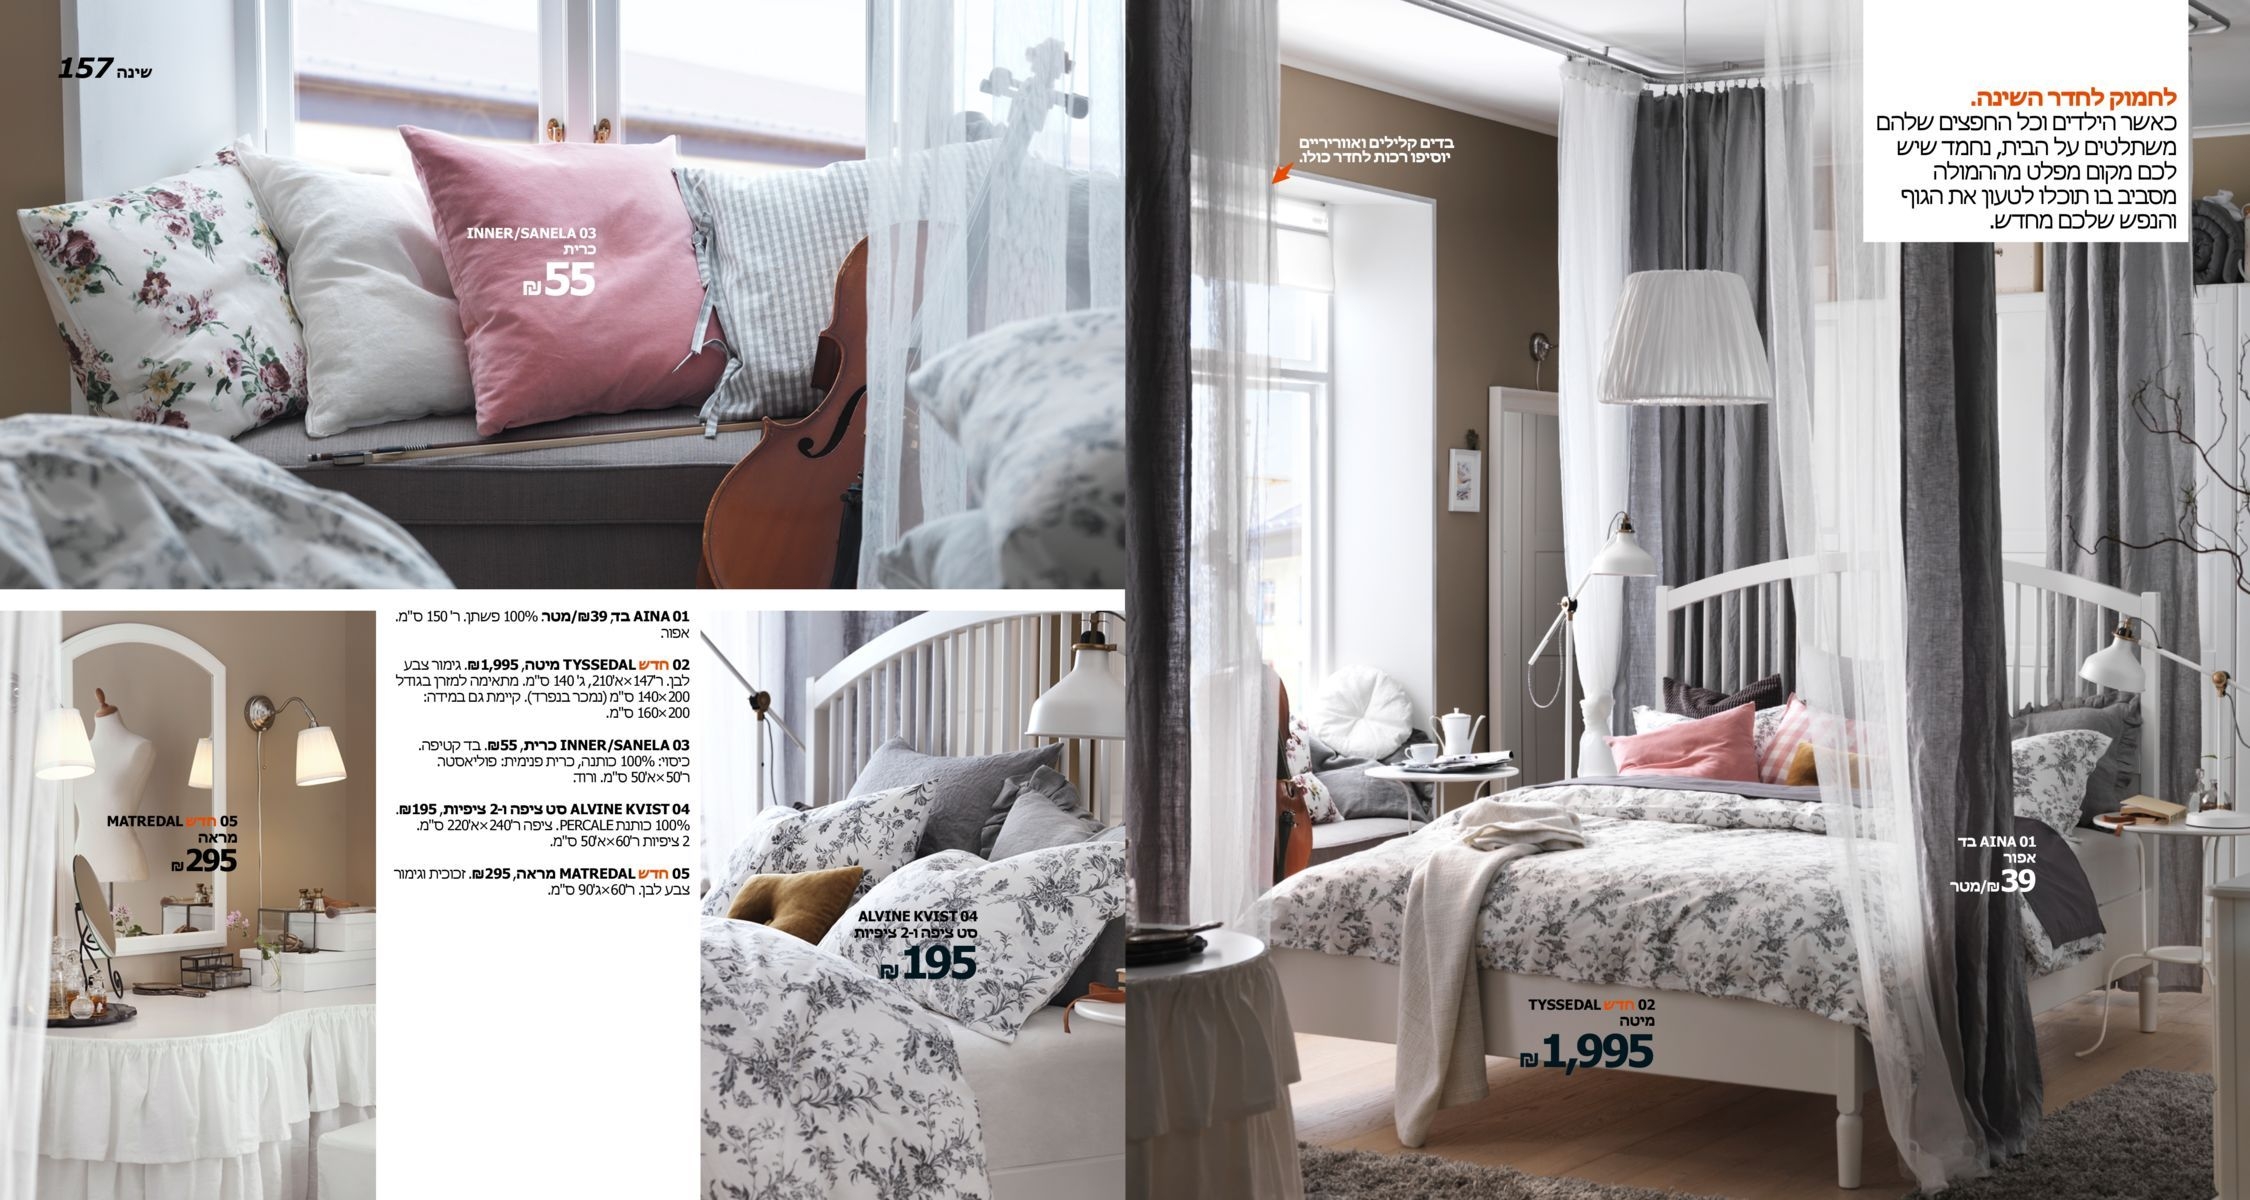 קטלוג איקאה 2016 Ikea Ikea Ikea Catalogue 2016 Home Furniture